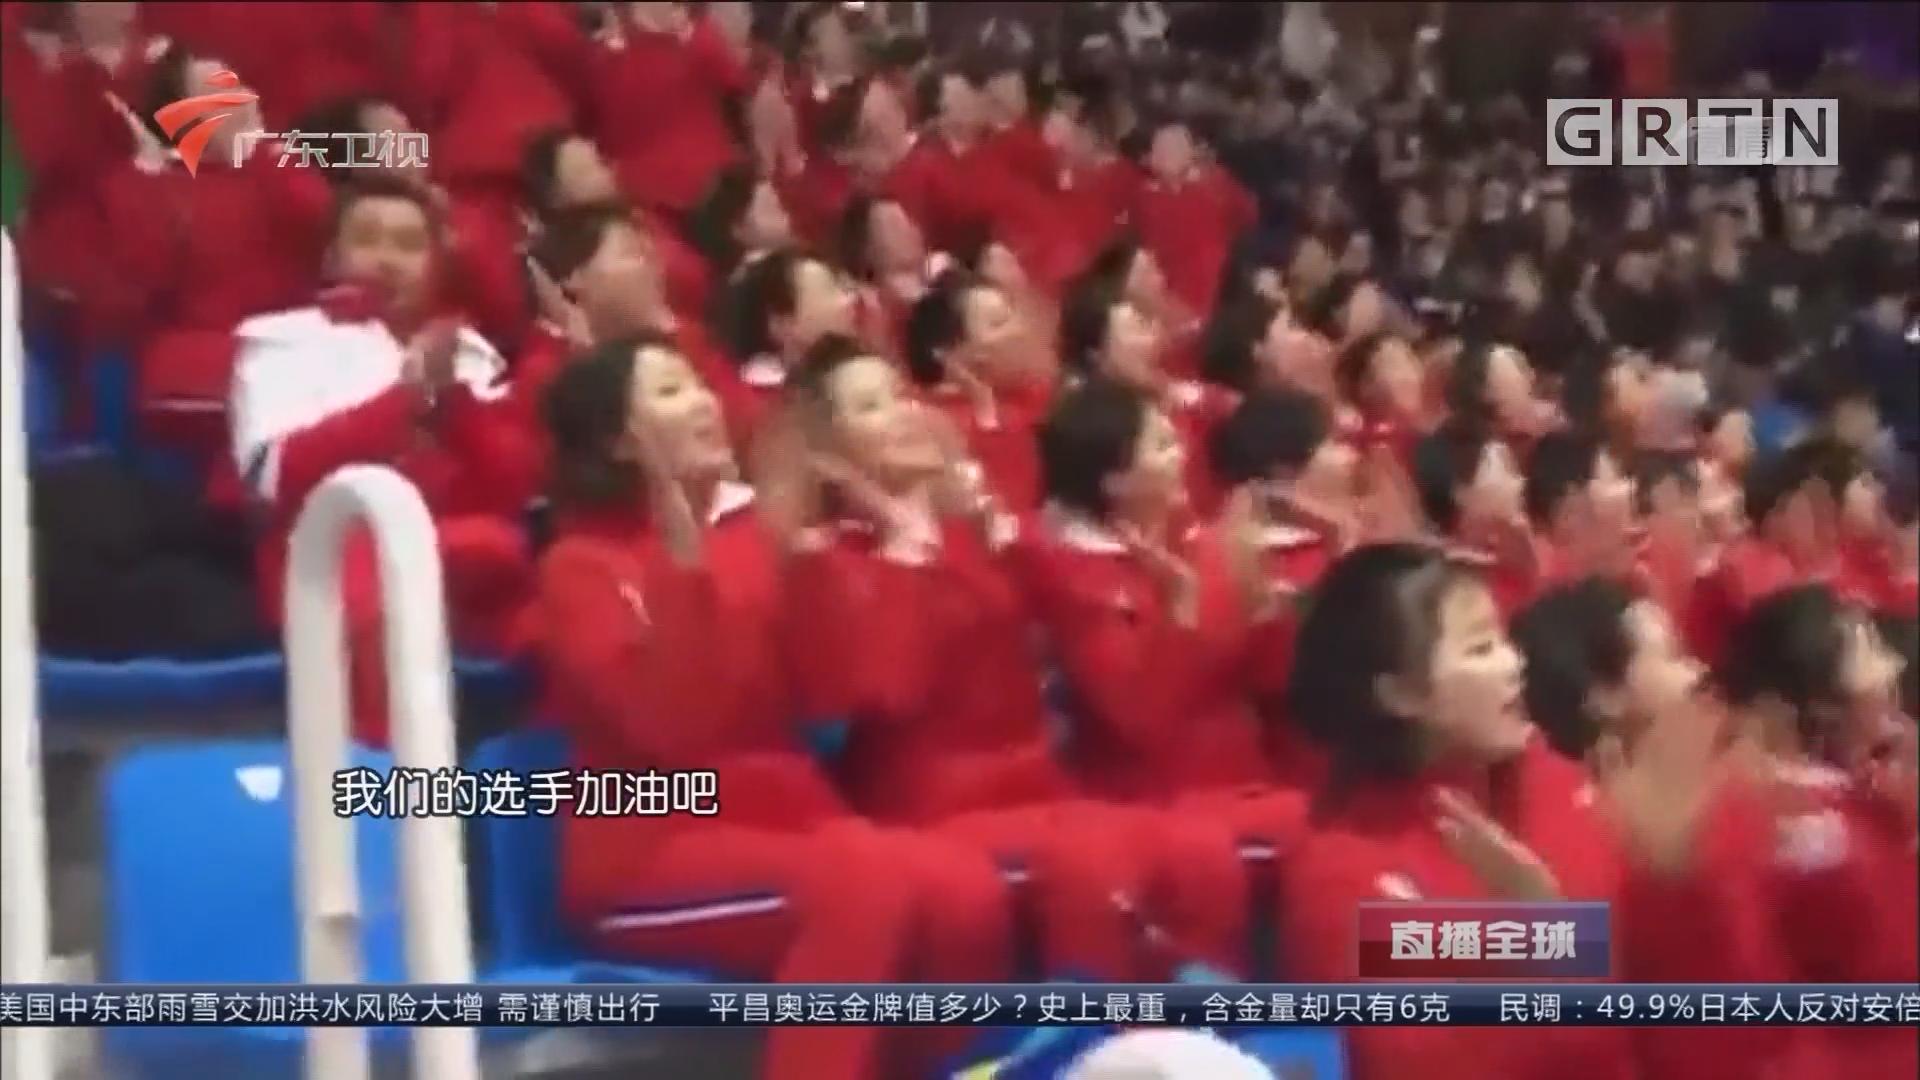 朝鲜拉拉队抢眼冬奥会赛场:活力四射 气势压人